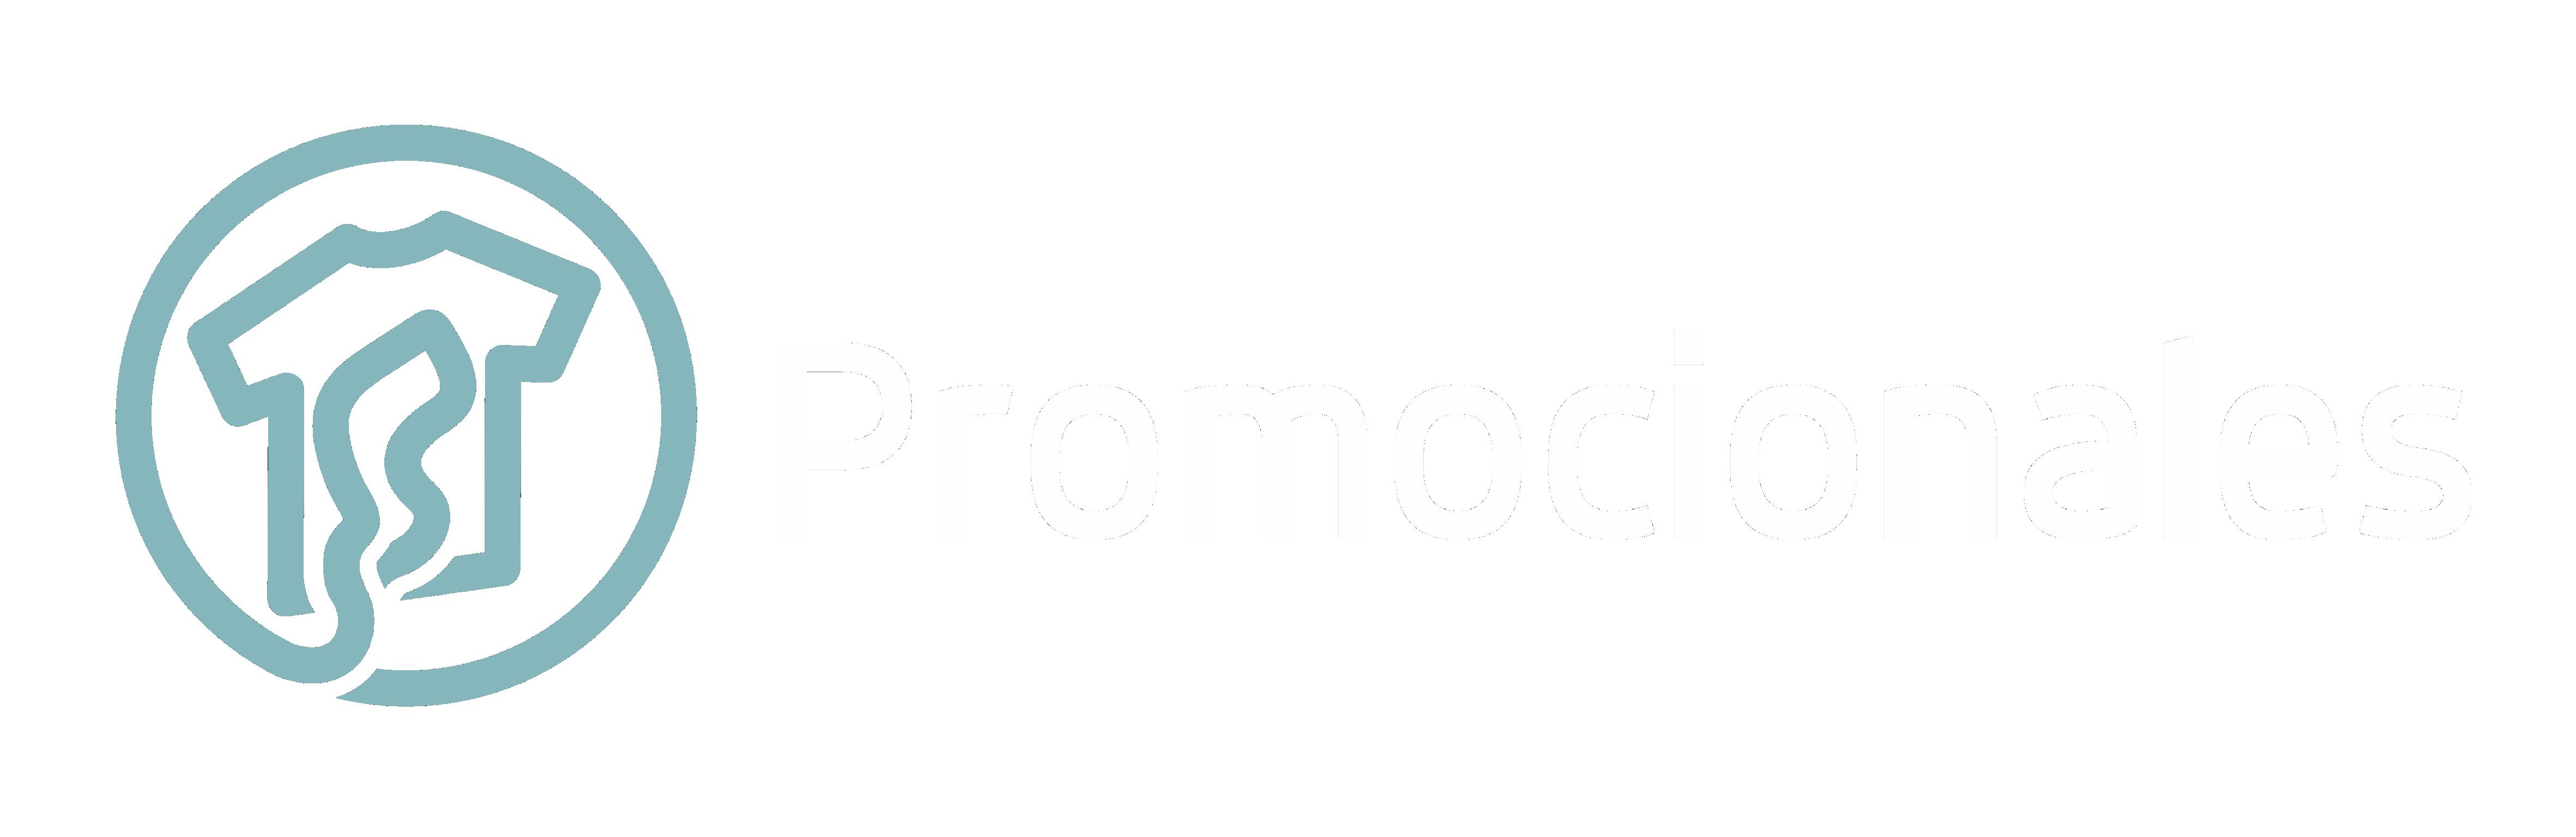 Promocionales banner web